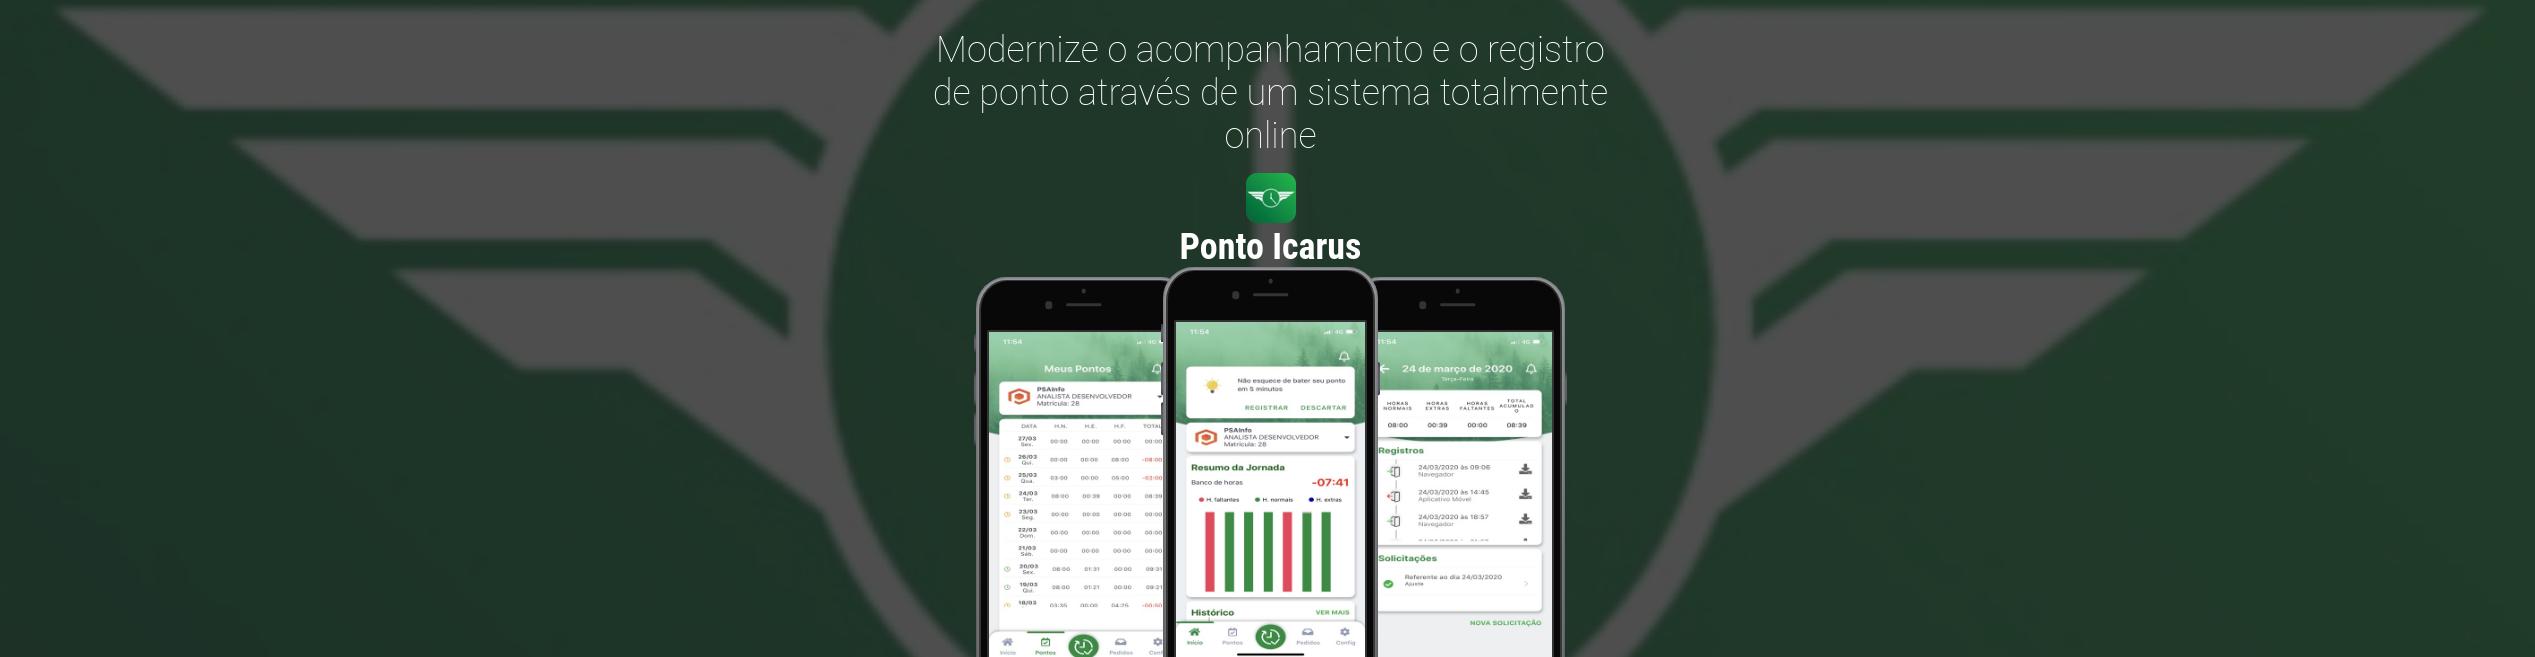 Avaliação Ponto Icarus: Controle de Ponto Online - Appvizer